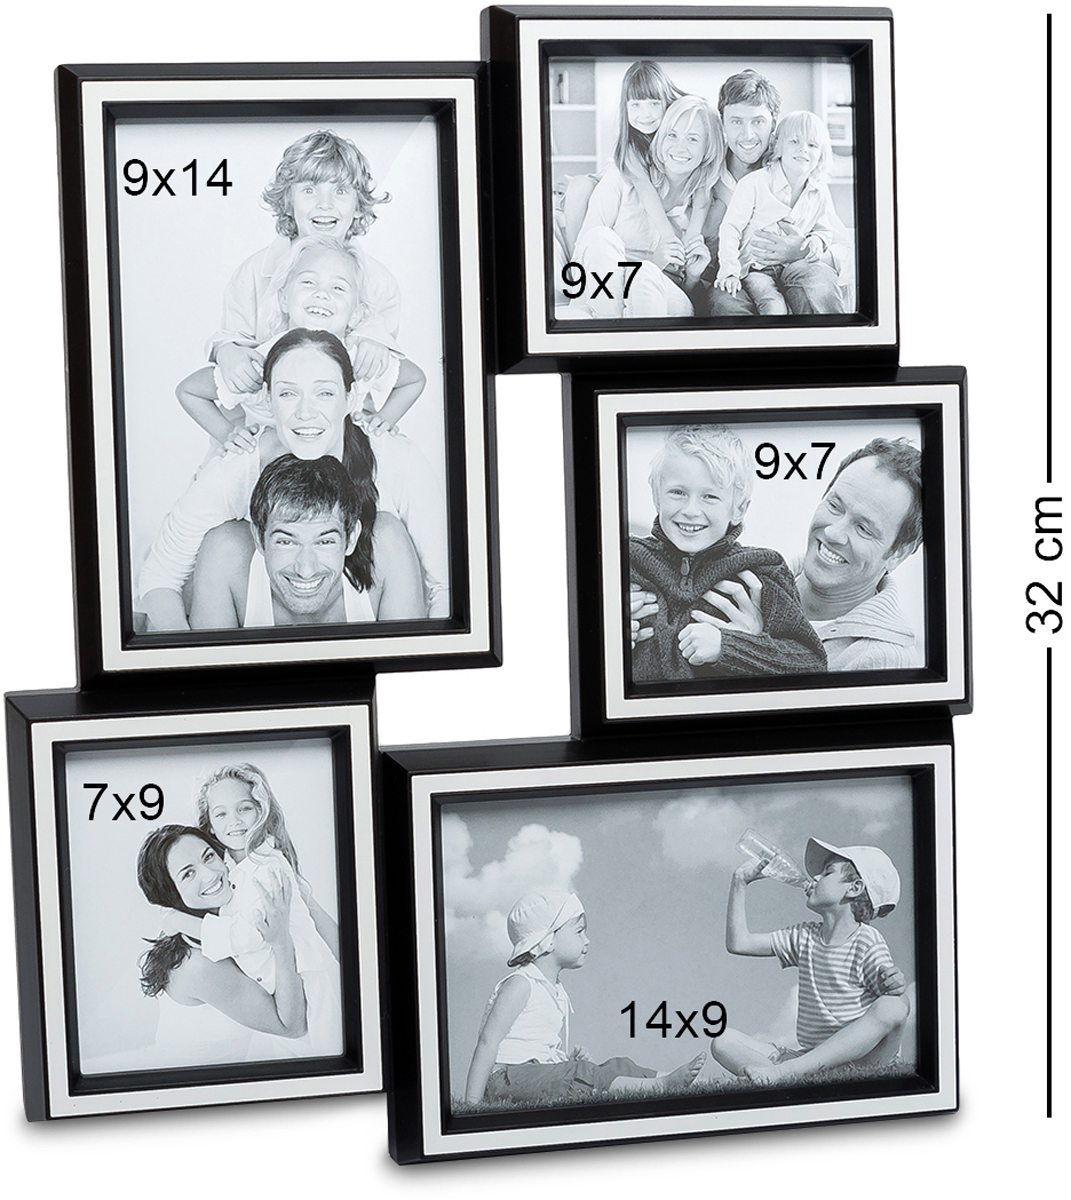 Панно из фоторамок Bellezza Casa Семейная история, на 5 фото: 10х15, 9х7, 7х9, 15х10. CHK-15974-0120Панно из фоторамок для фотографий 10х15, 9х7, 7х9, 15х10 см.Наш мир с каждым поколением радикально меняется, меняются стереотипы поведения, модели отношений между людьми, изменяется шкала ценностей. Но лишь одно остается неизменным – семья, родители, дети. Эта традиция веками проходит через каждого человека. Фоторамка Семейная история, рассчитанная на 5 фотографий, поможет всегда помнить о своих корнях – родителях, о продолжении своего рода – наших детях. Благодаря тому, что такая фоторамка очень просто крепится к любой стене, она не займет много места, и в то же время – все семейные ценности будут всегда перед глазами. Теперь можно не расставаться со своей семьей даже на работе. Кроме того, такая рамка – это отличный подарок на юбилей или день рождения, День Влюбленных или Новый год. Ничто ни ценится так дорого – как семья и близкие сердцу родные люди.